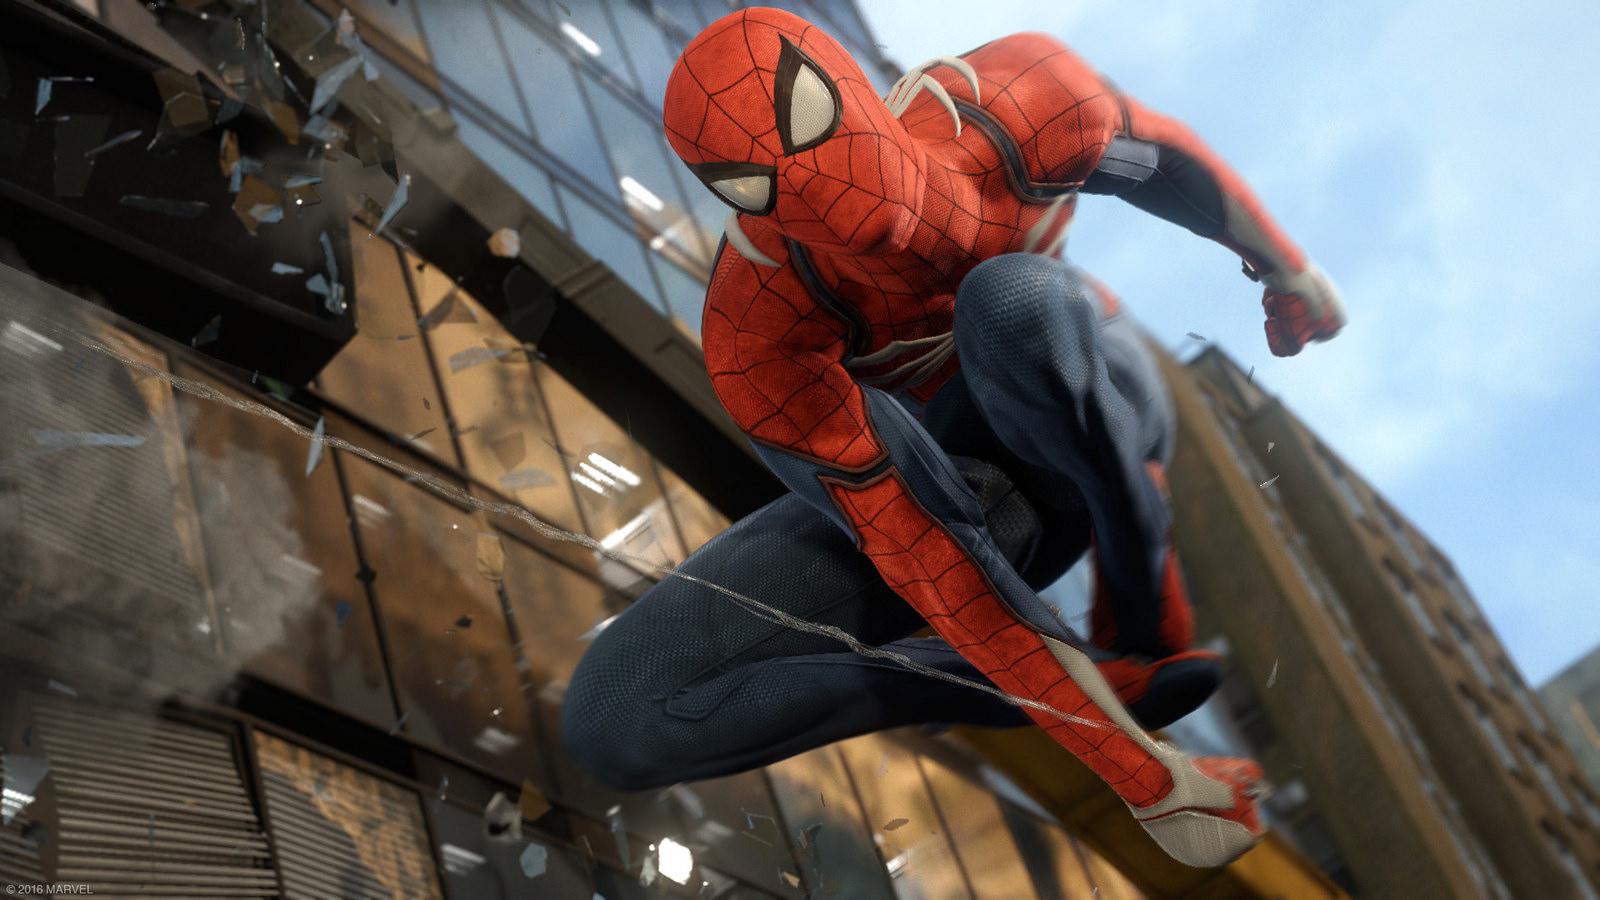 Spider-Man annunciato ufficialmente per PlayStation 4: foto e video dall'E3 2016